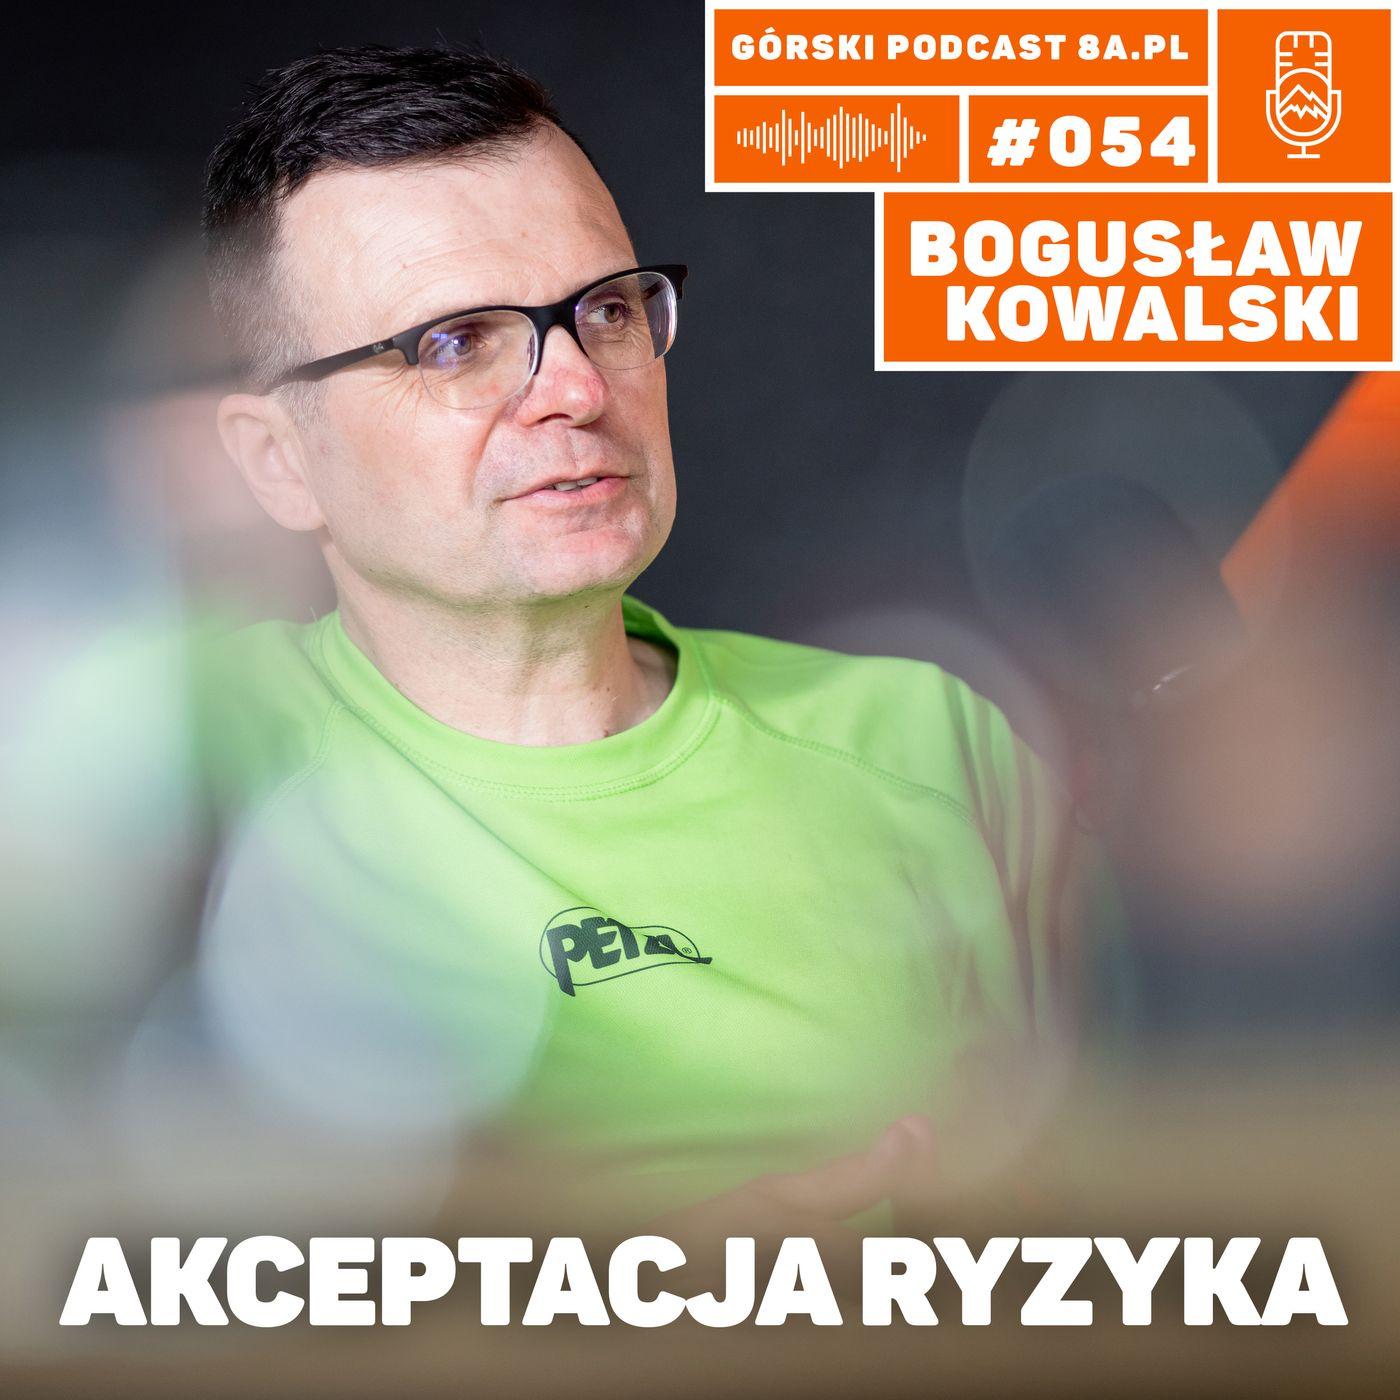 #054 8a.pl - Bogusław Kowalski. Akceptacja ryzyka w górach.